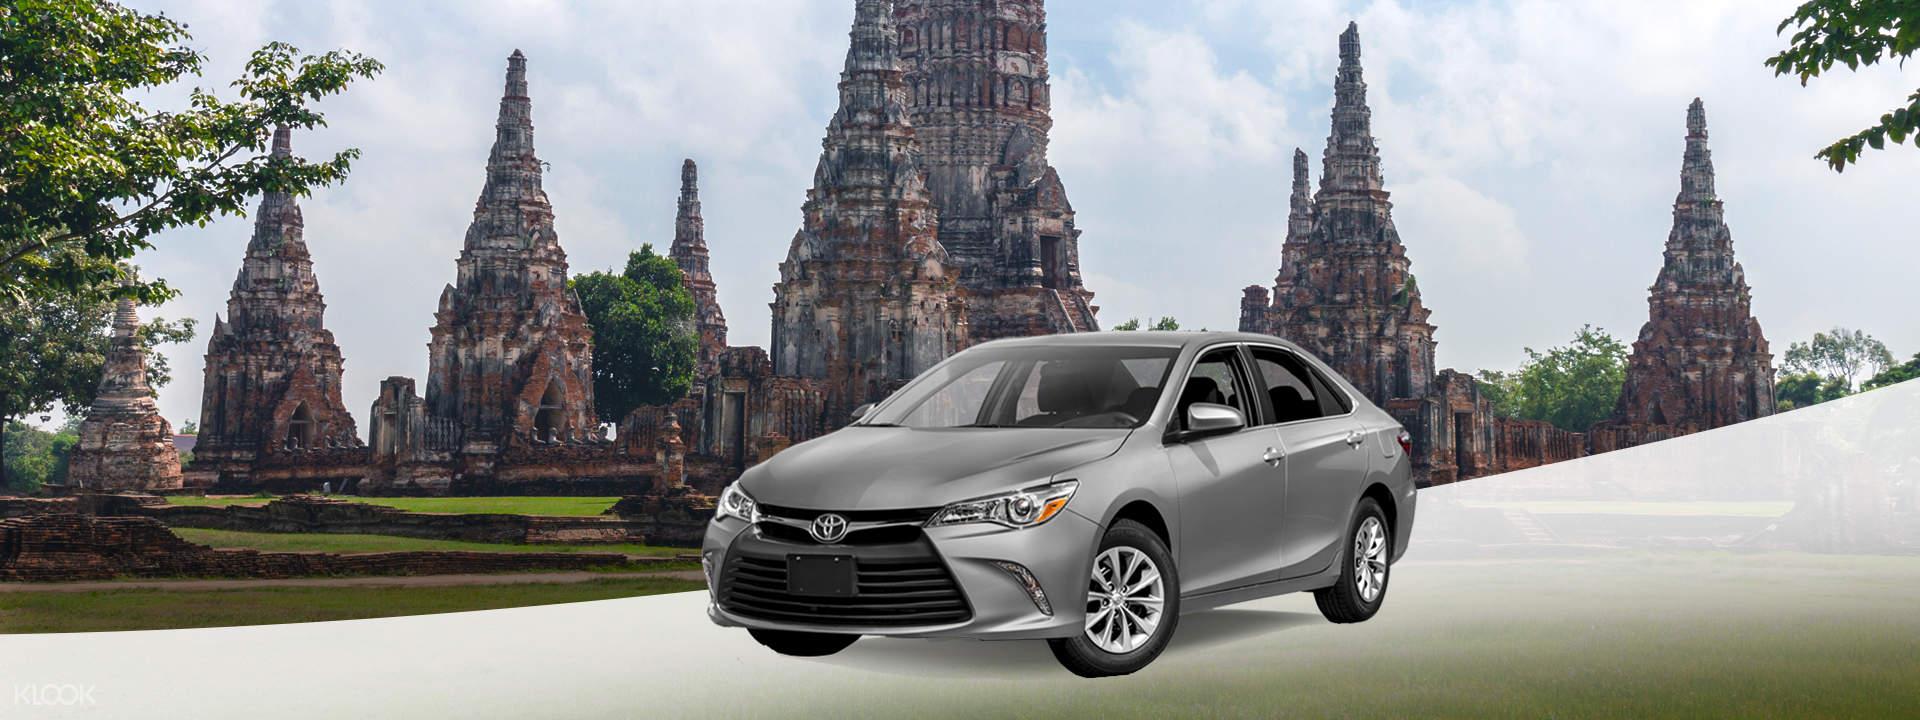 Ayutthaya Private Car Charter from Bangkok - Klook